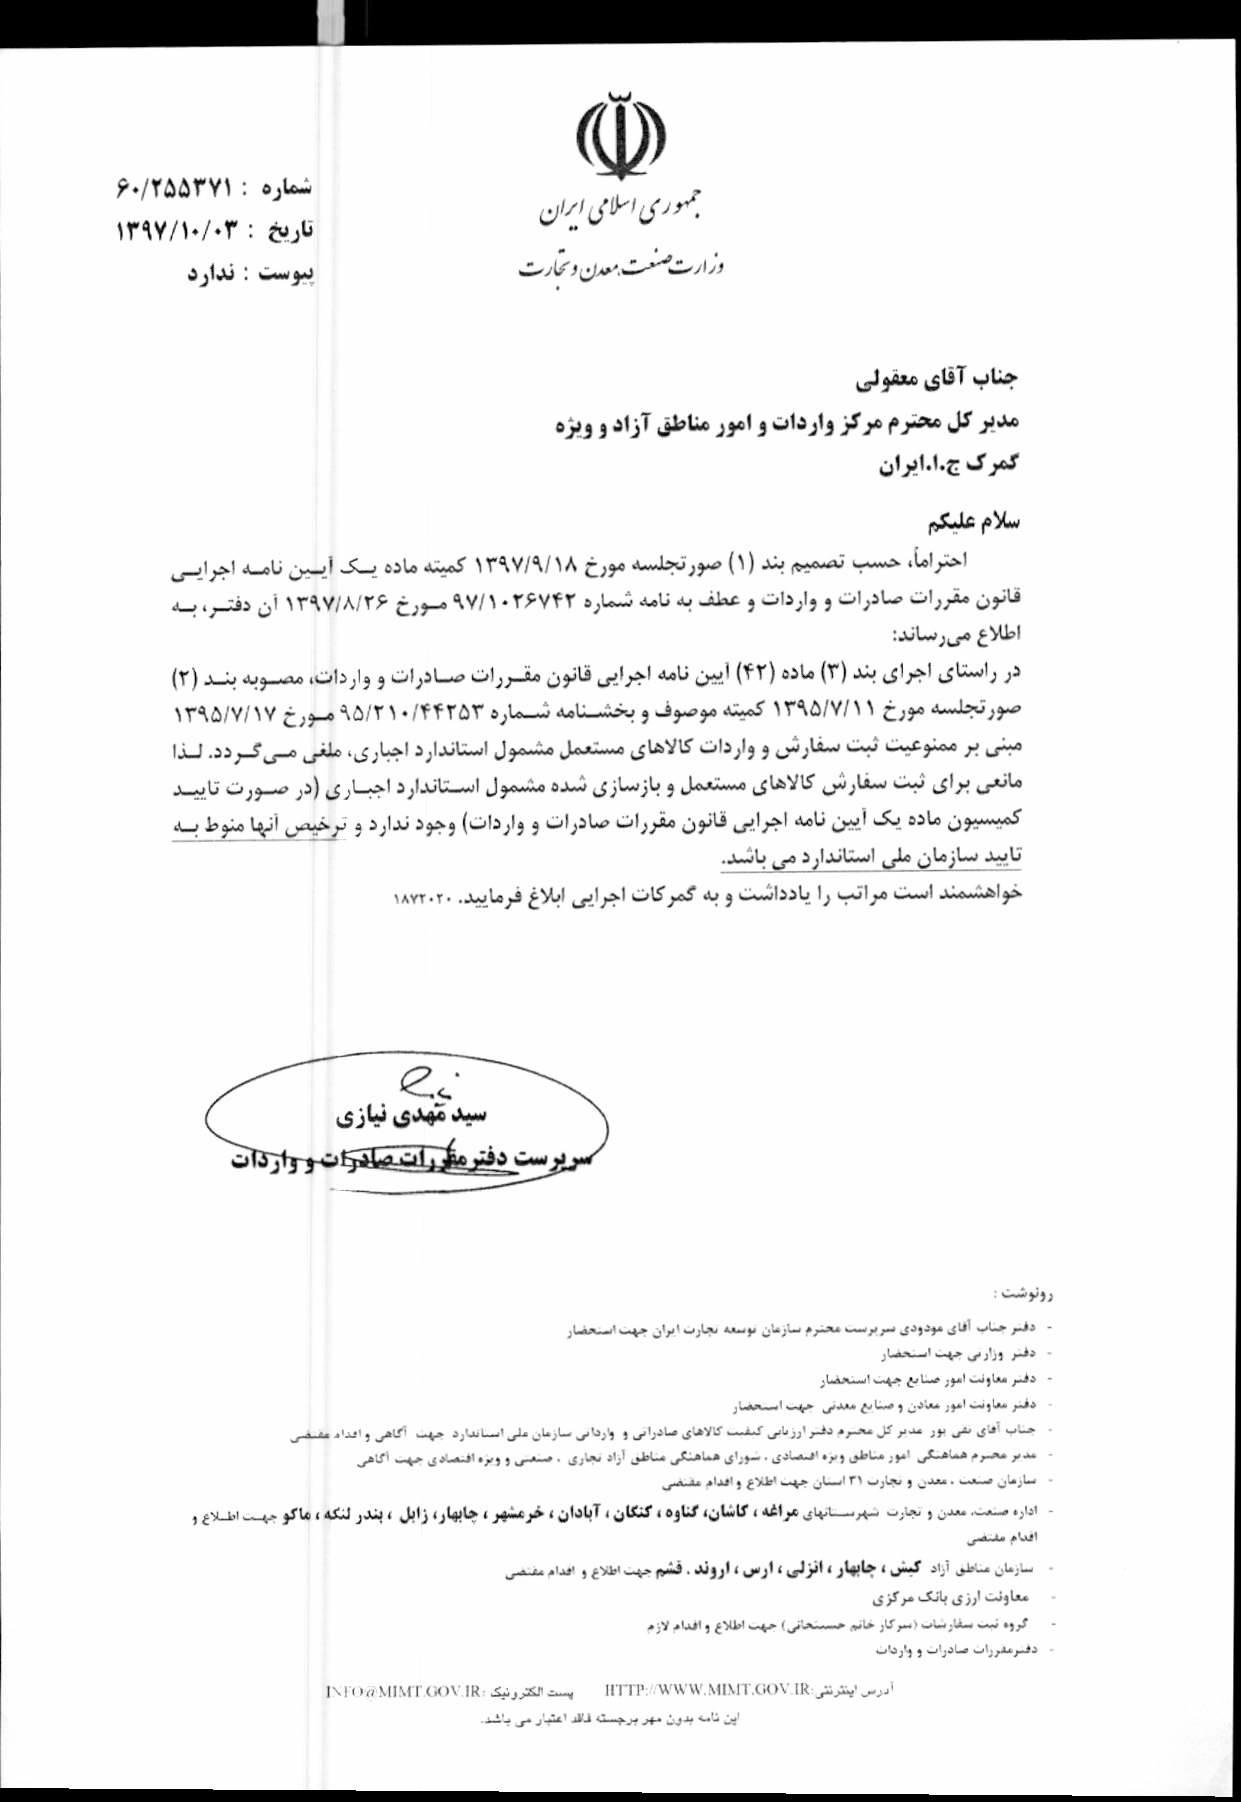 3028356 - اصلاحیه مصوبه هیات وزیران درباره ترخیص خودروهای وارداتی ابلاغ شد